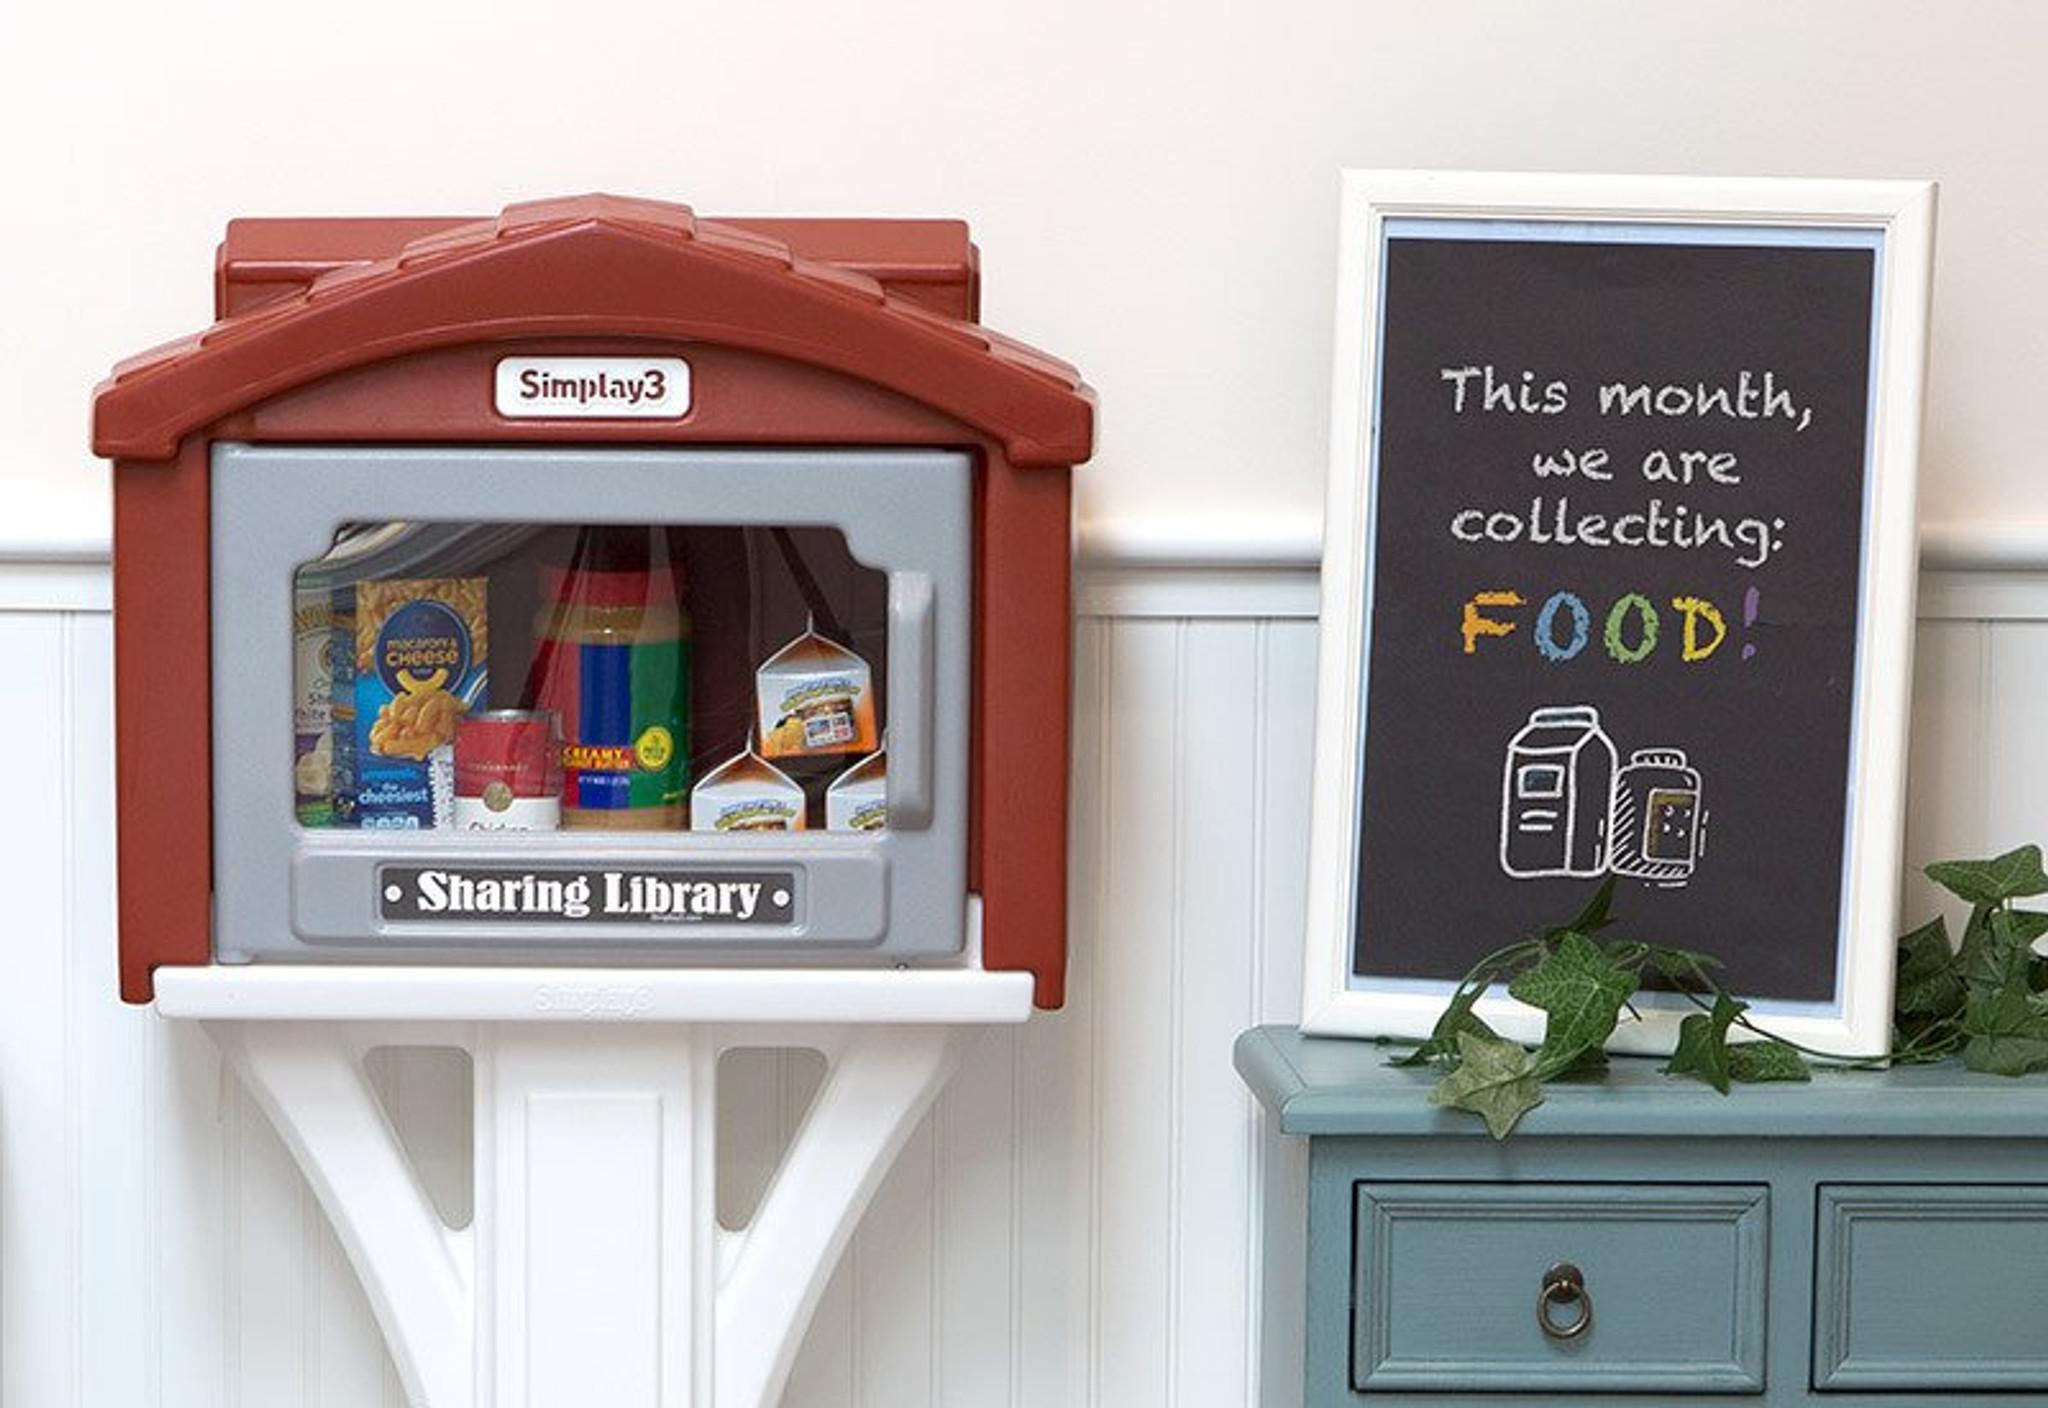 Sharing Library Community Drop Box Simplay3